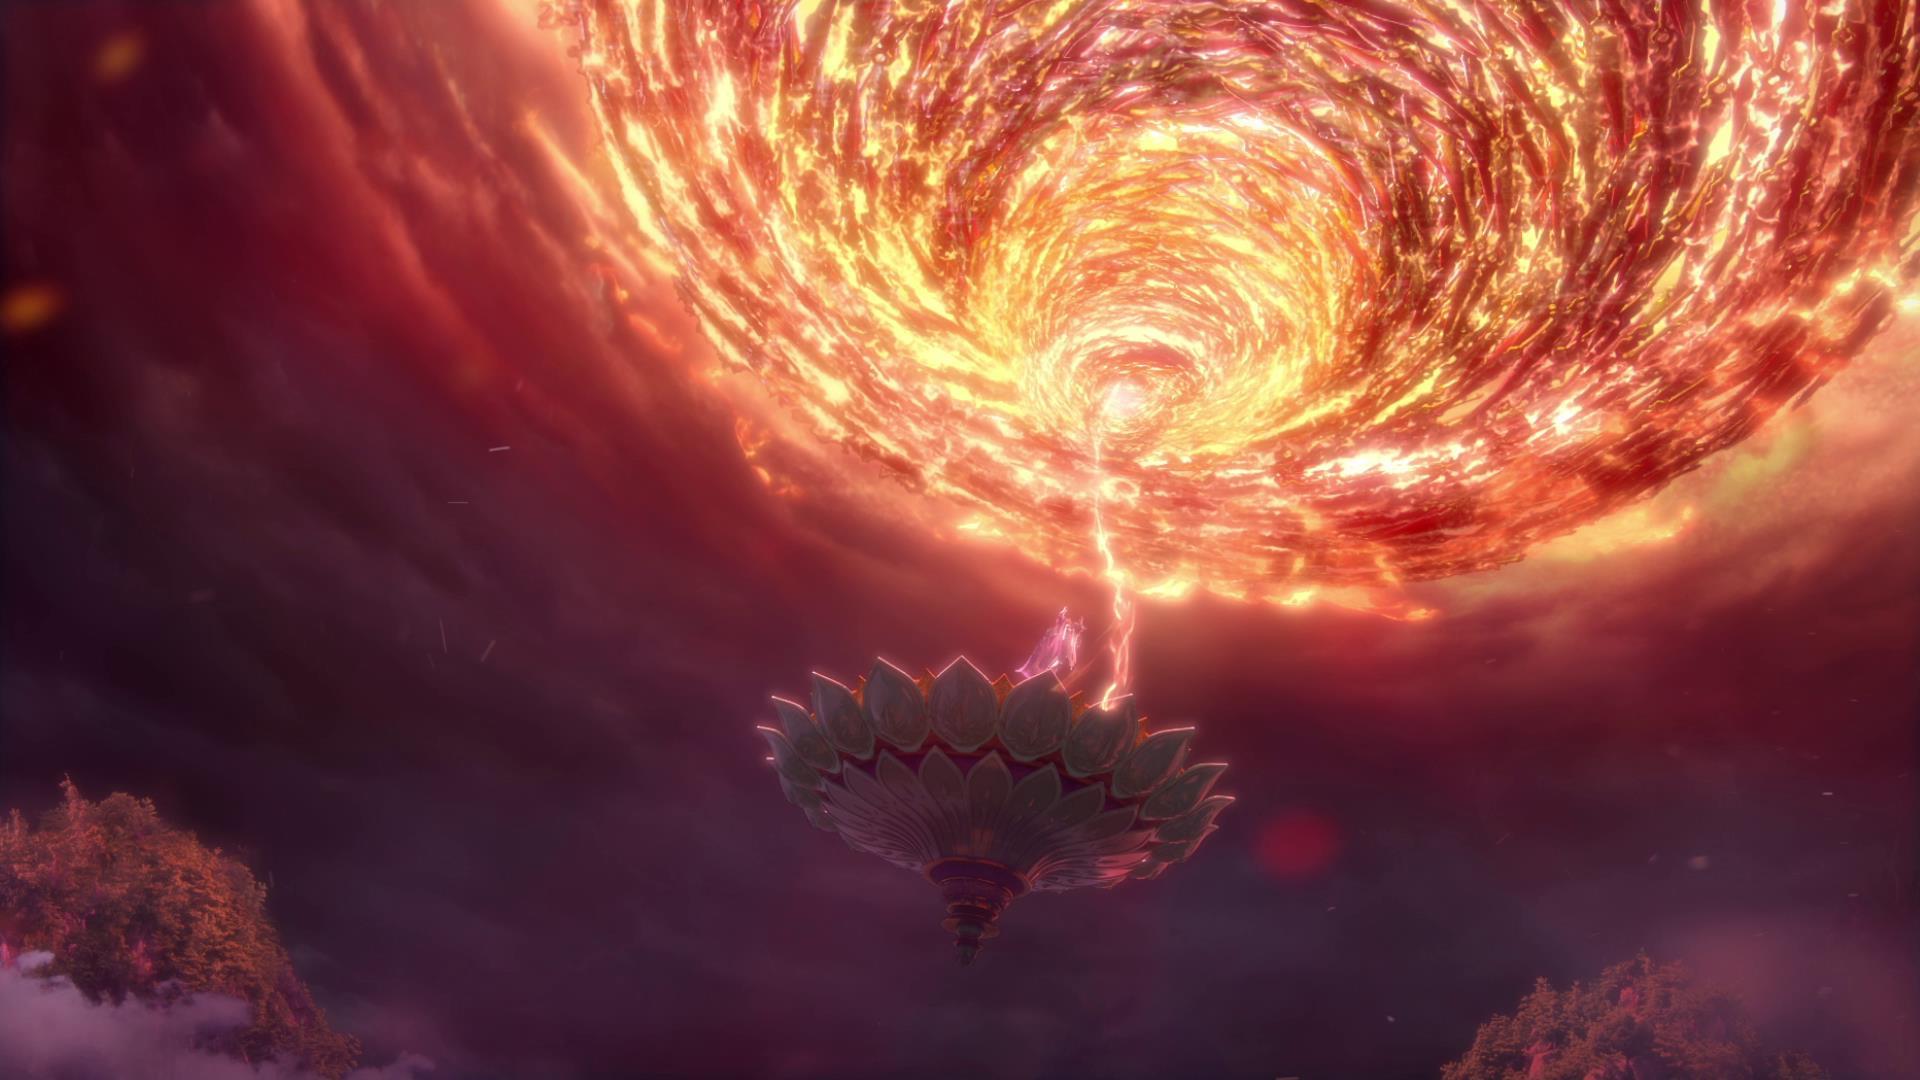 《仙剑奇侠传4》手游电影级CG首曝 终极测试开启